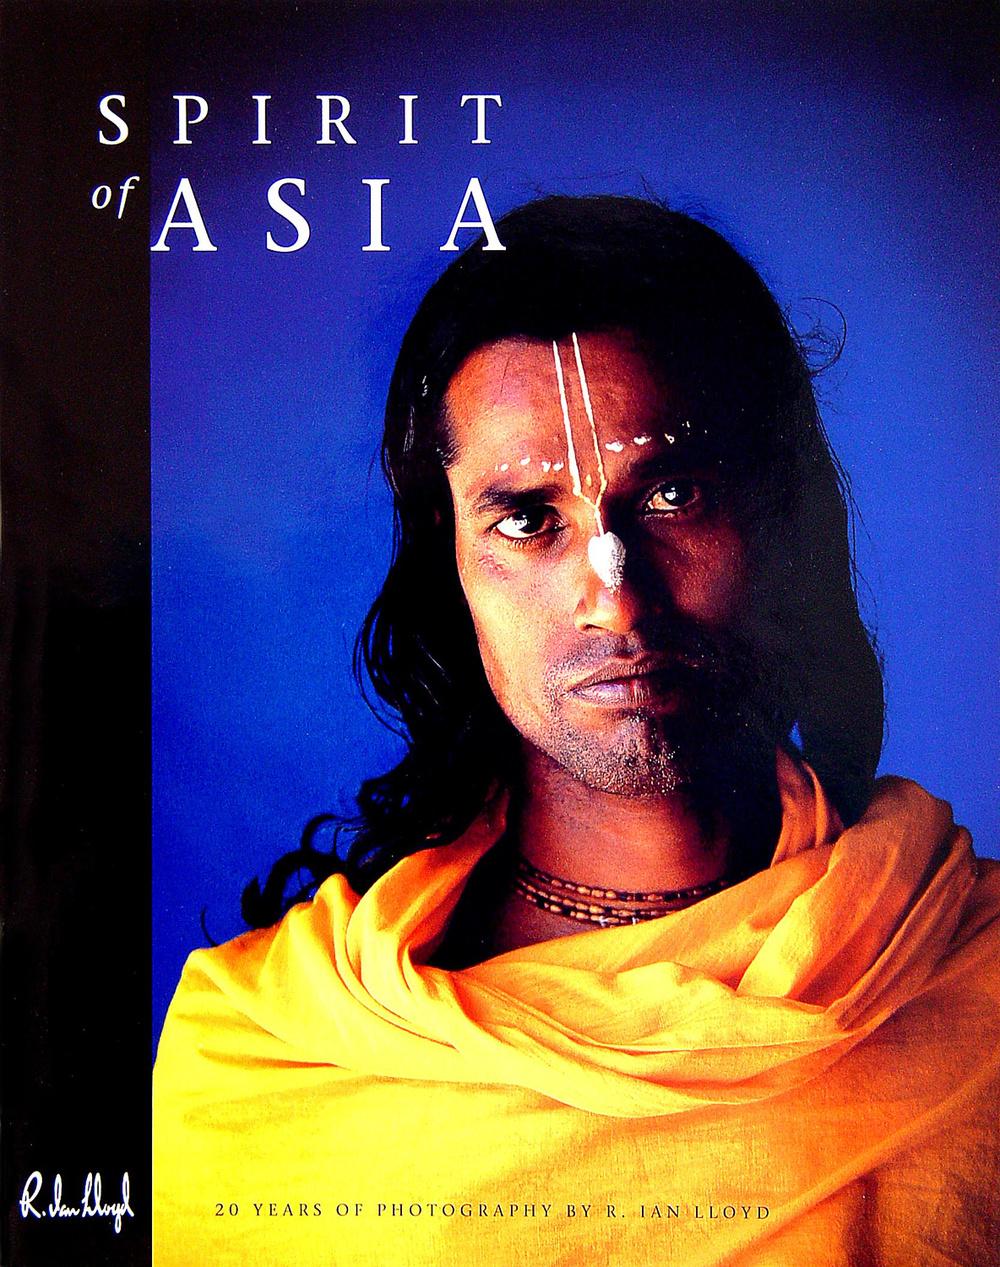 Spirit-of-Asia.jpg